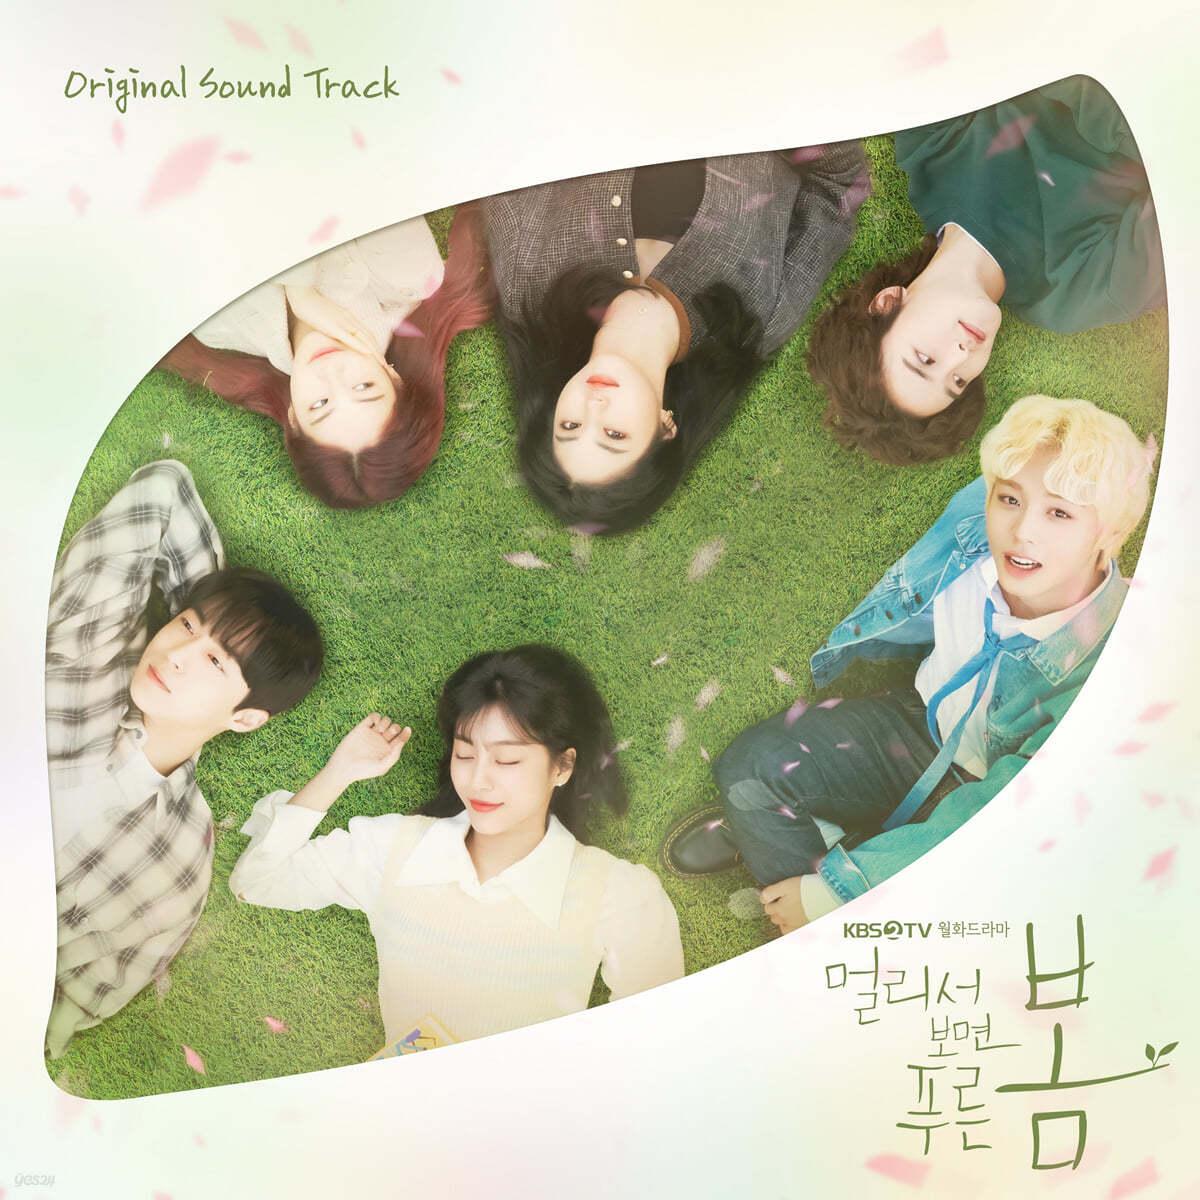 멀리서 보면 푸른 봄 (KBS 2TV 월화 드라마) OST